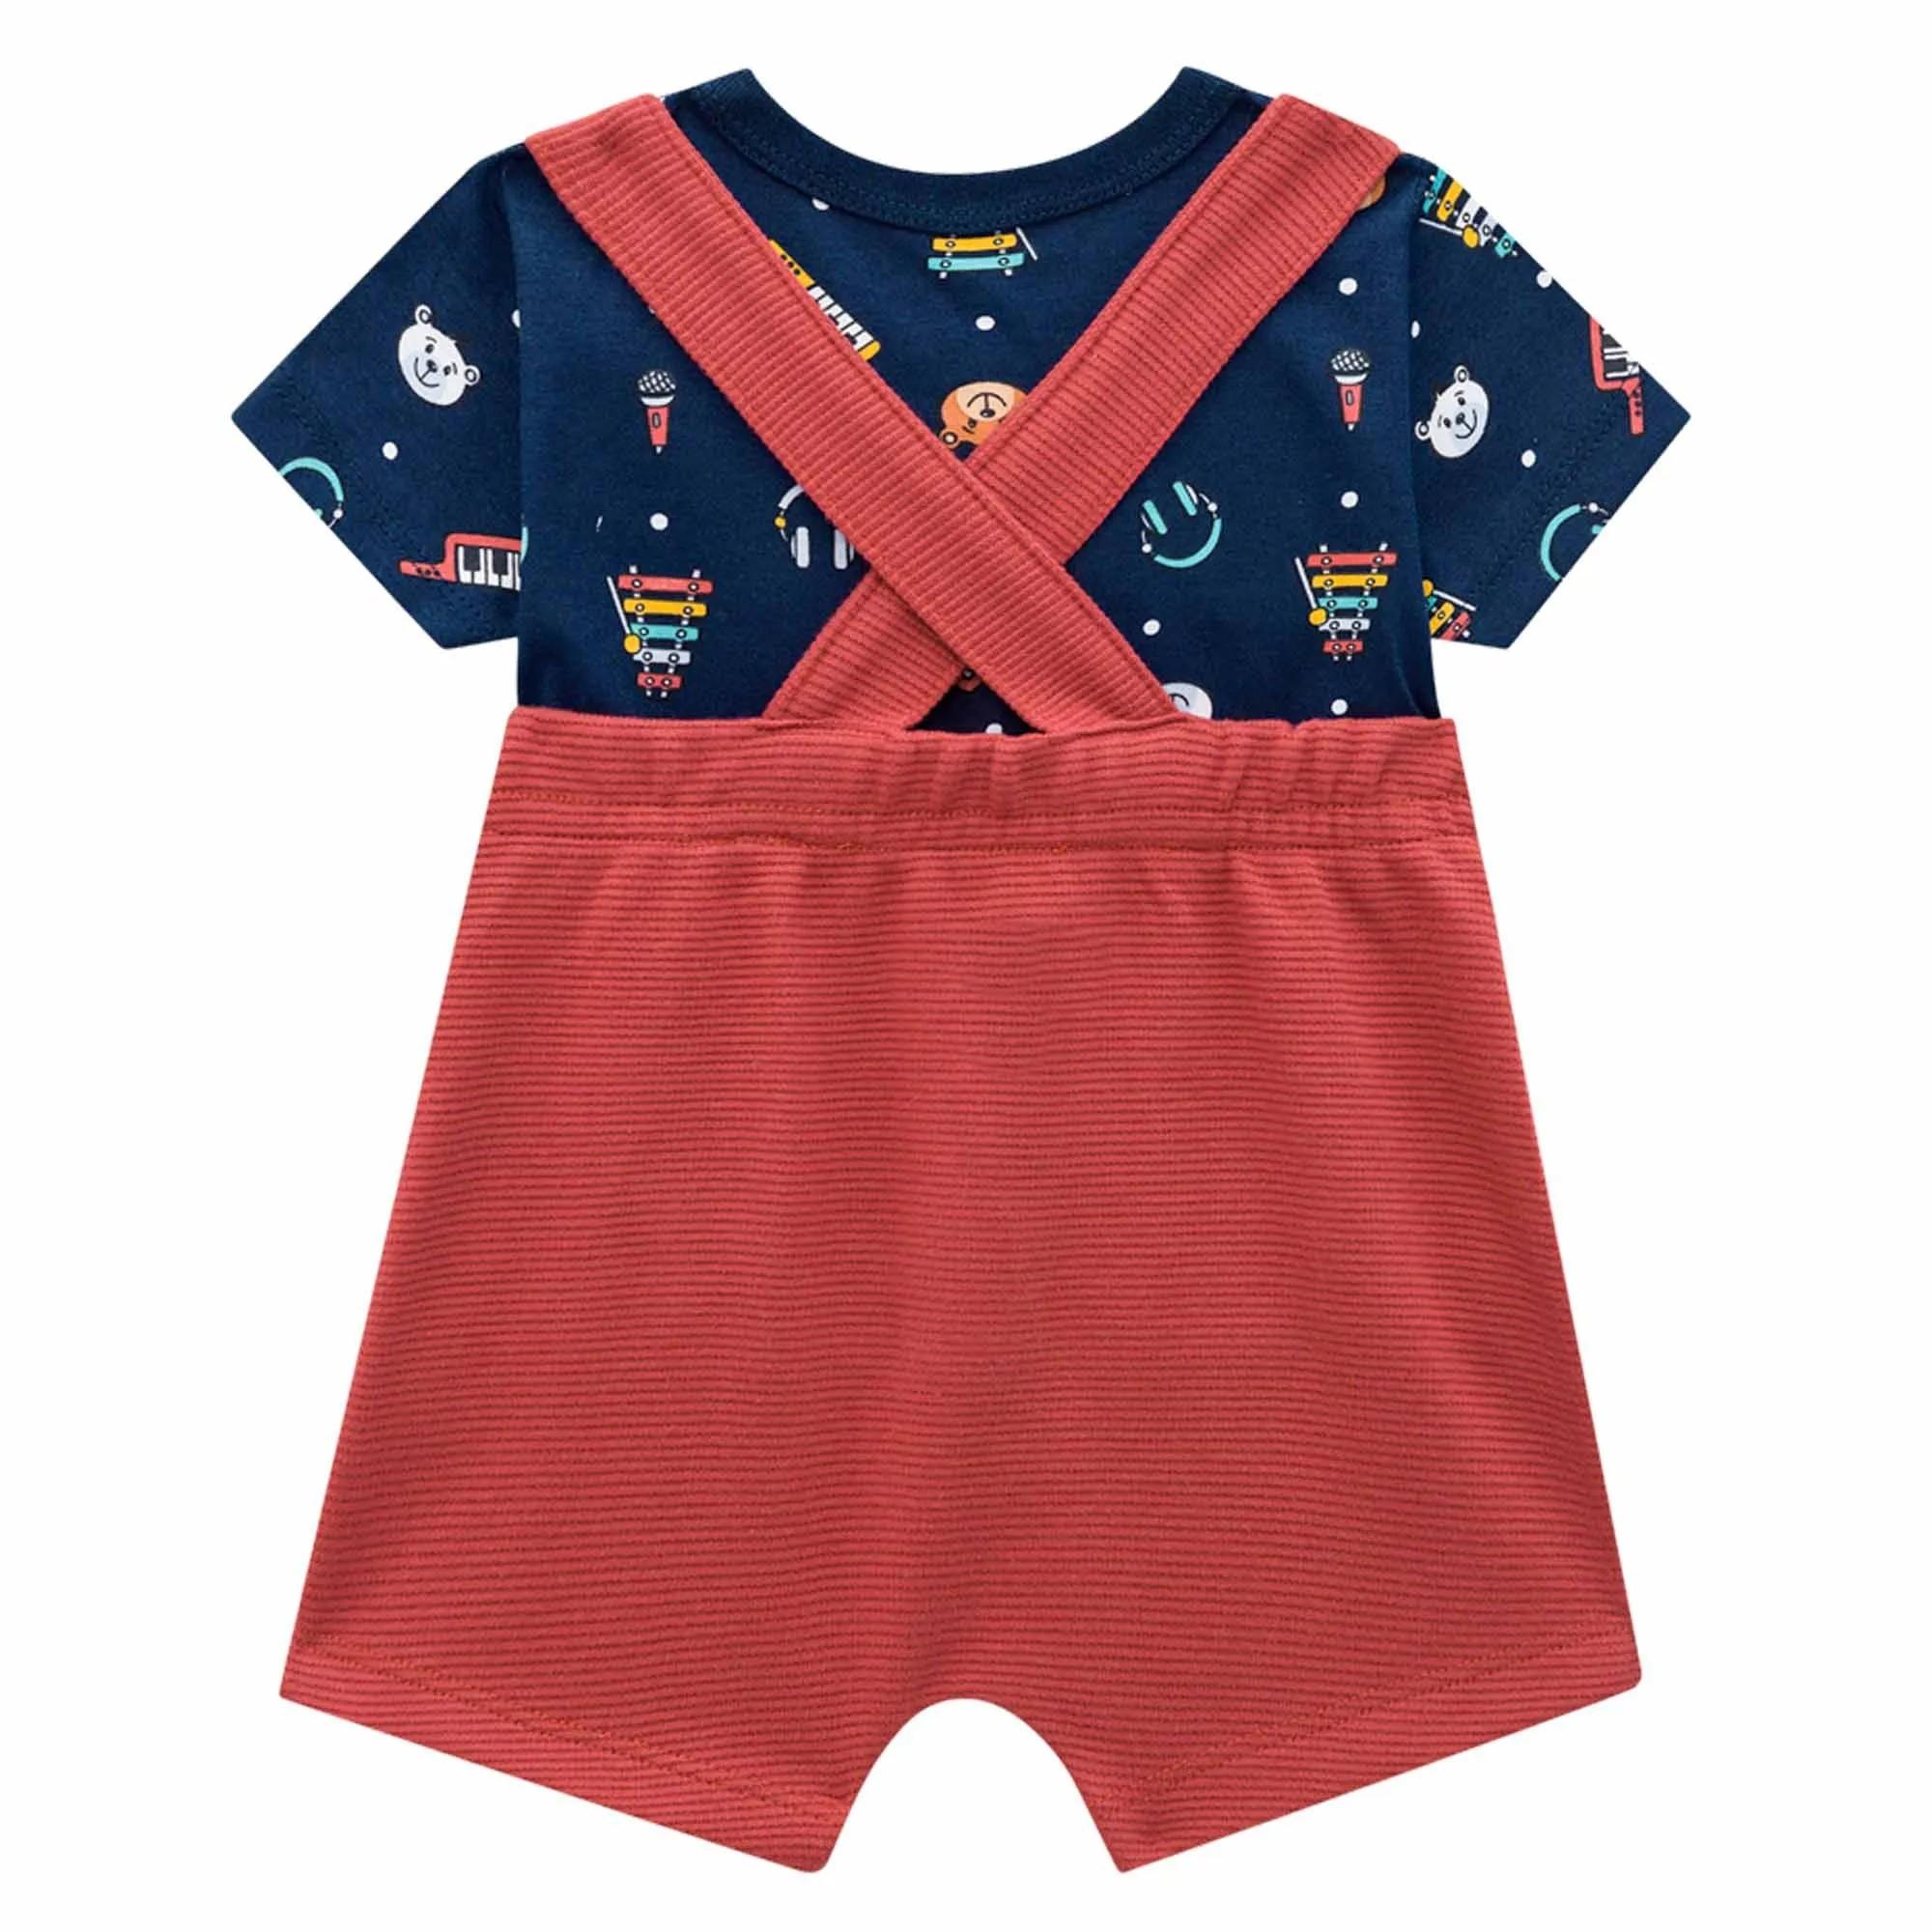 Conjunto Verão Brandili Baby Camiseta e Jardineira Bolsos Rosto Urso - RN ao G